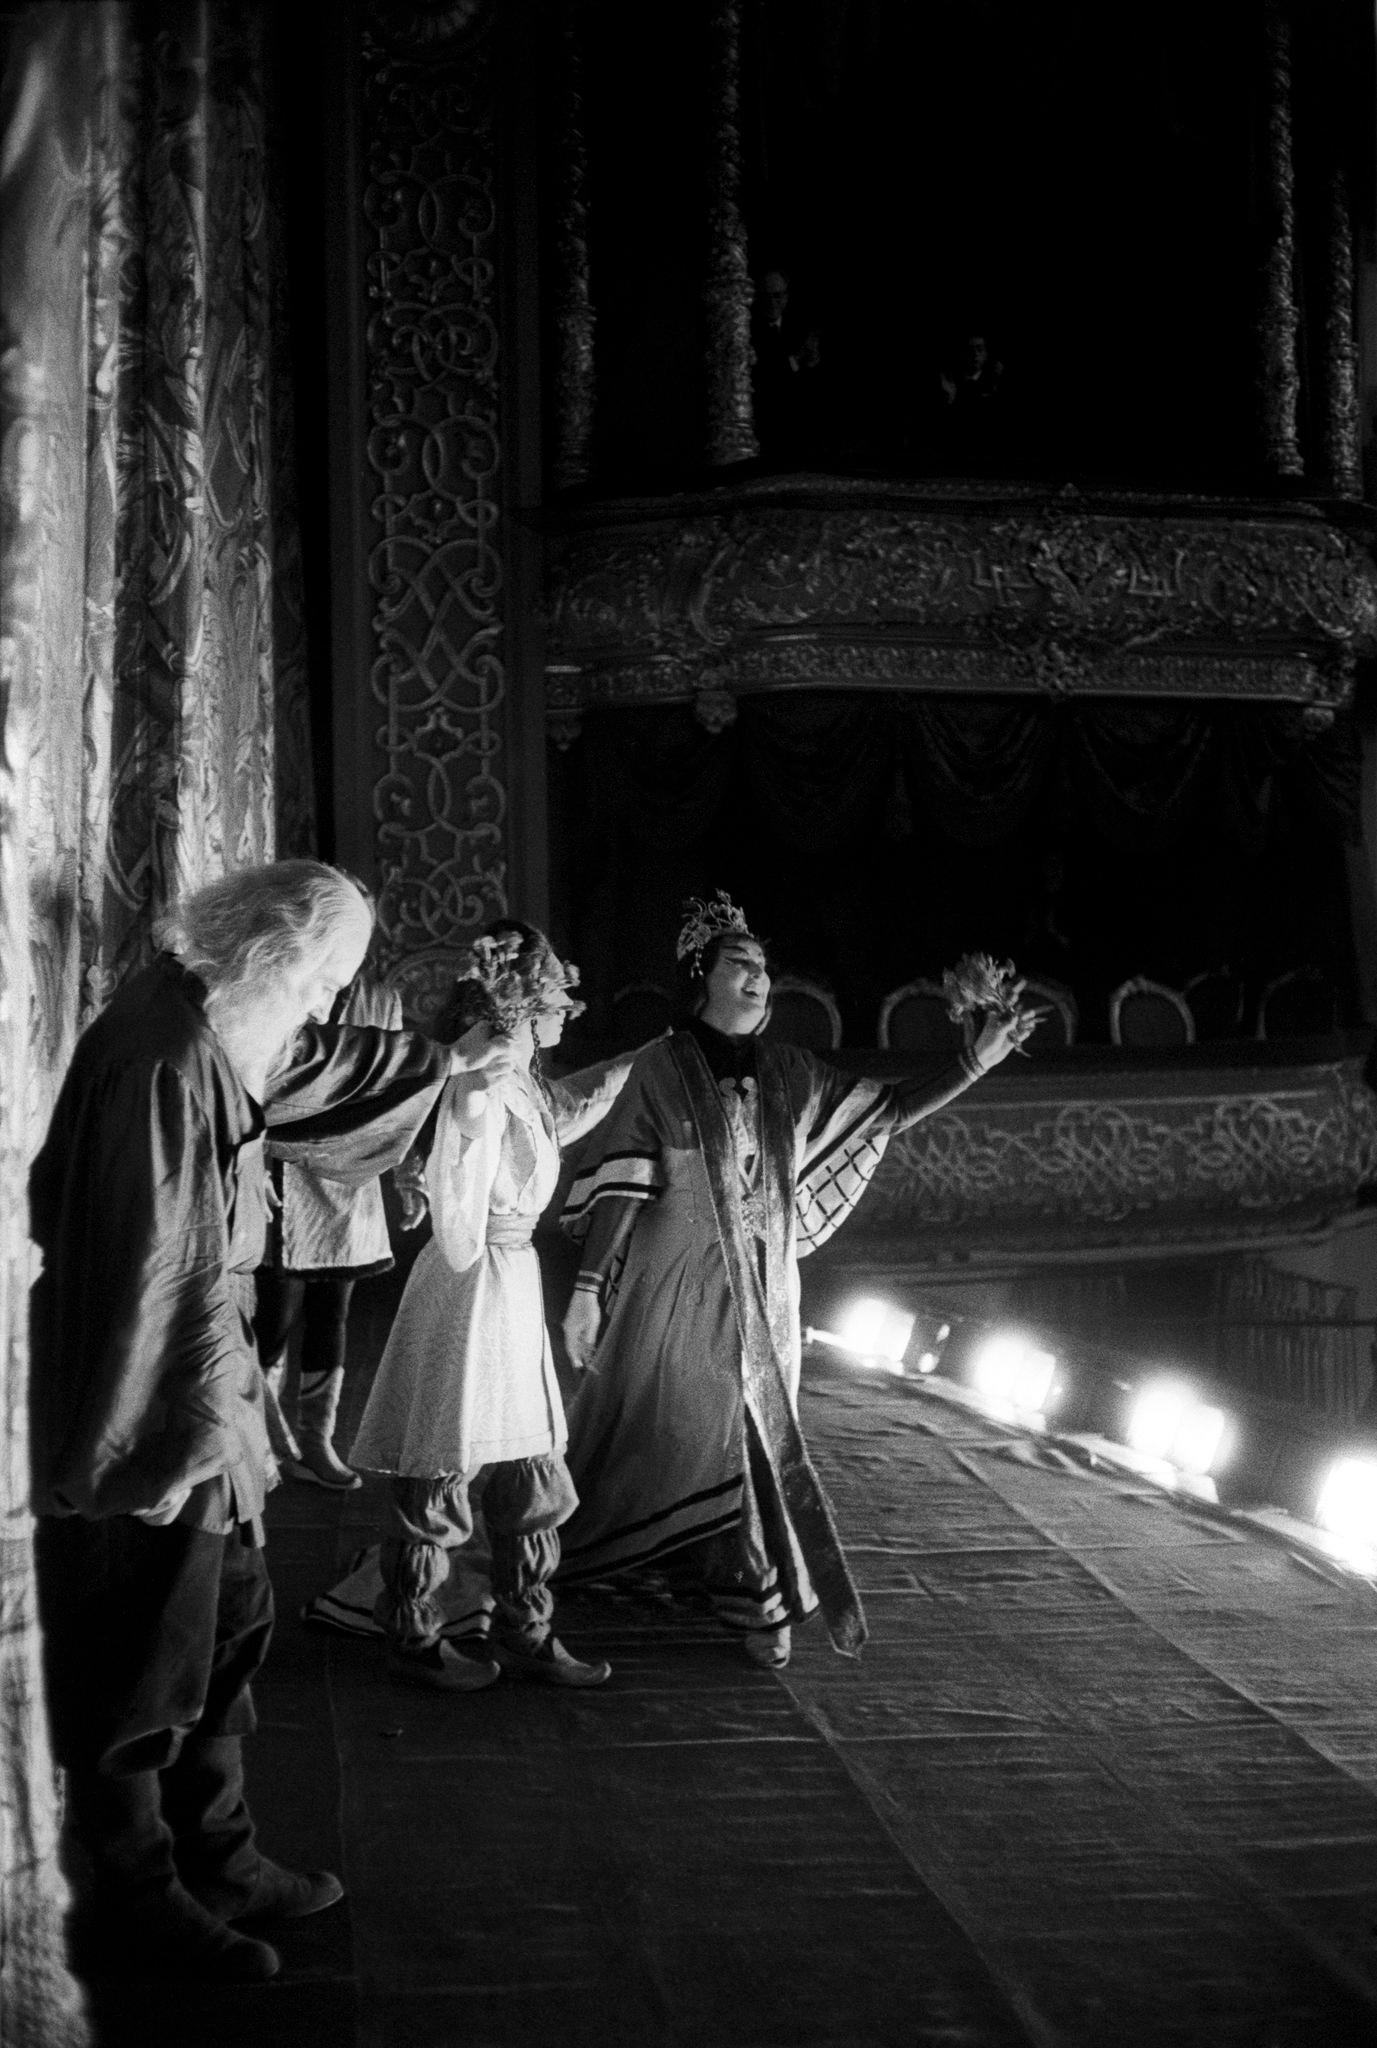 Биргит Нильссон поет арию из «Турандот» с другими двумя исполнителями на сцене.png